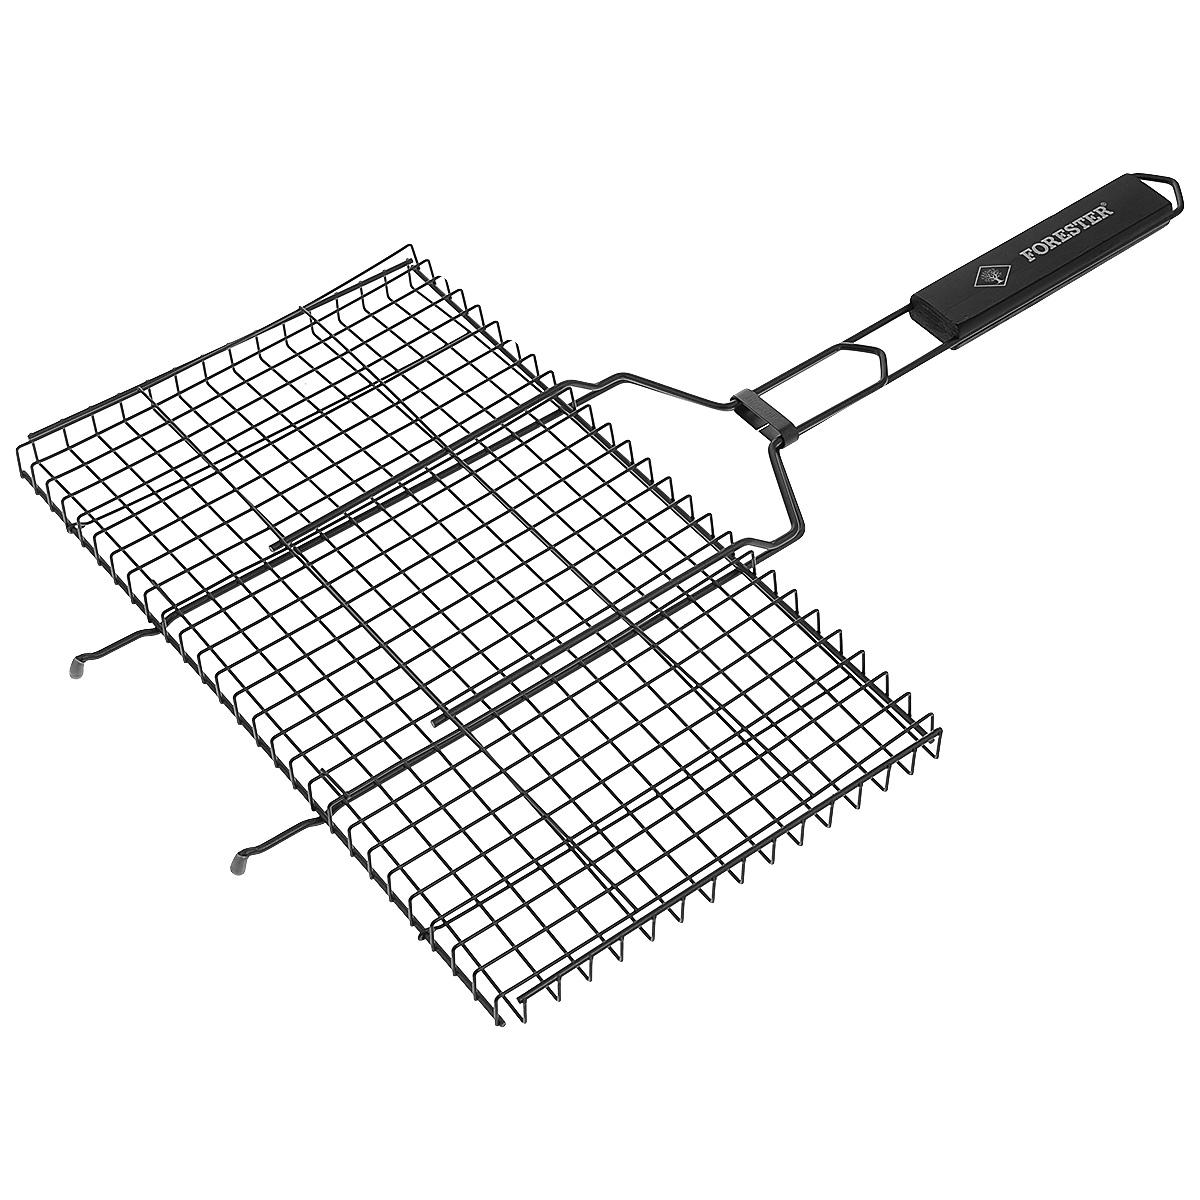 Решетка-гриль Forester, с антипригарным покрытием, цвет: черный, 45 см х 25 смNN-627-LS-RУниверсальная решетка-гриль Forester изготовлена из высококачественной стали с антипригарным покрытием. На решетке удобно размещать стейки, ребрышки, гамбургеры, сосиски, рыбу, овощи. Предназначена для приготовления пищи на углях. Блюда получаются сочными, ароматными, с аппетитной специфической корочкой. Рукоятка изделия оснащена деревянной вставкой и фиксирующей скобой, которая зажимает створки решетки. Размер рабочей поверхности решетки (без учета усиков): 45 см х 25 см.Общая длина решетки (с ручкой): 69 см.